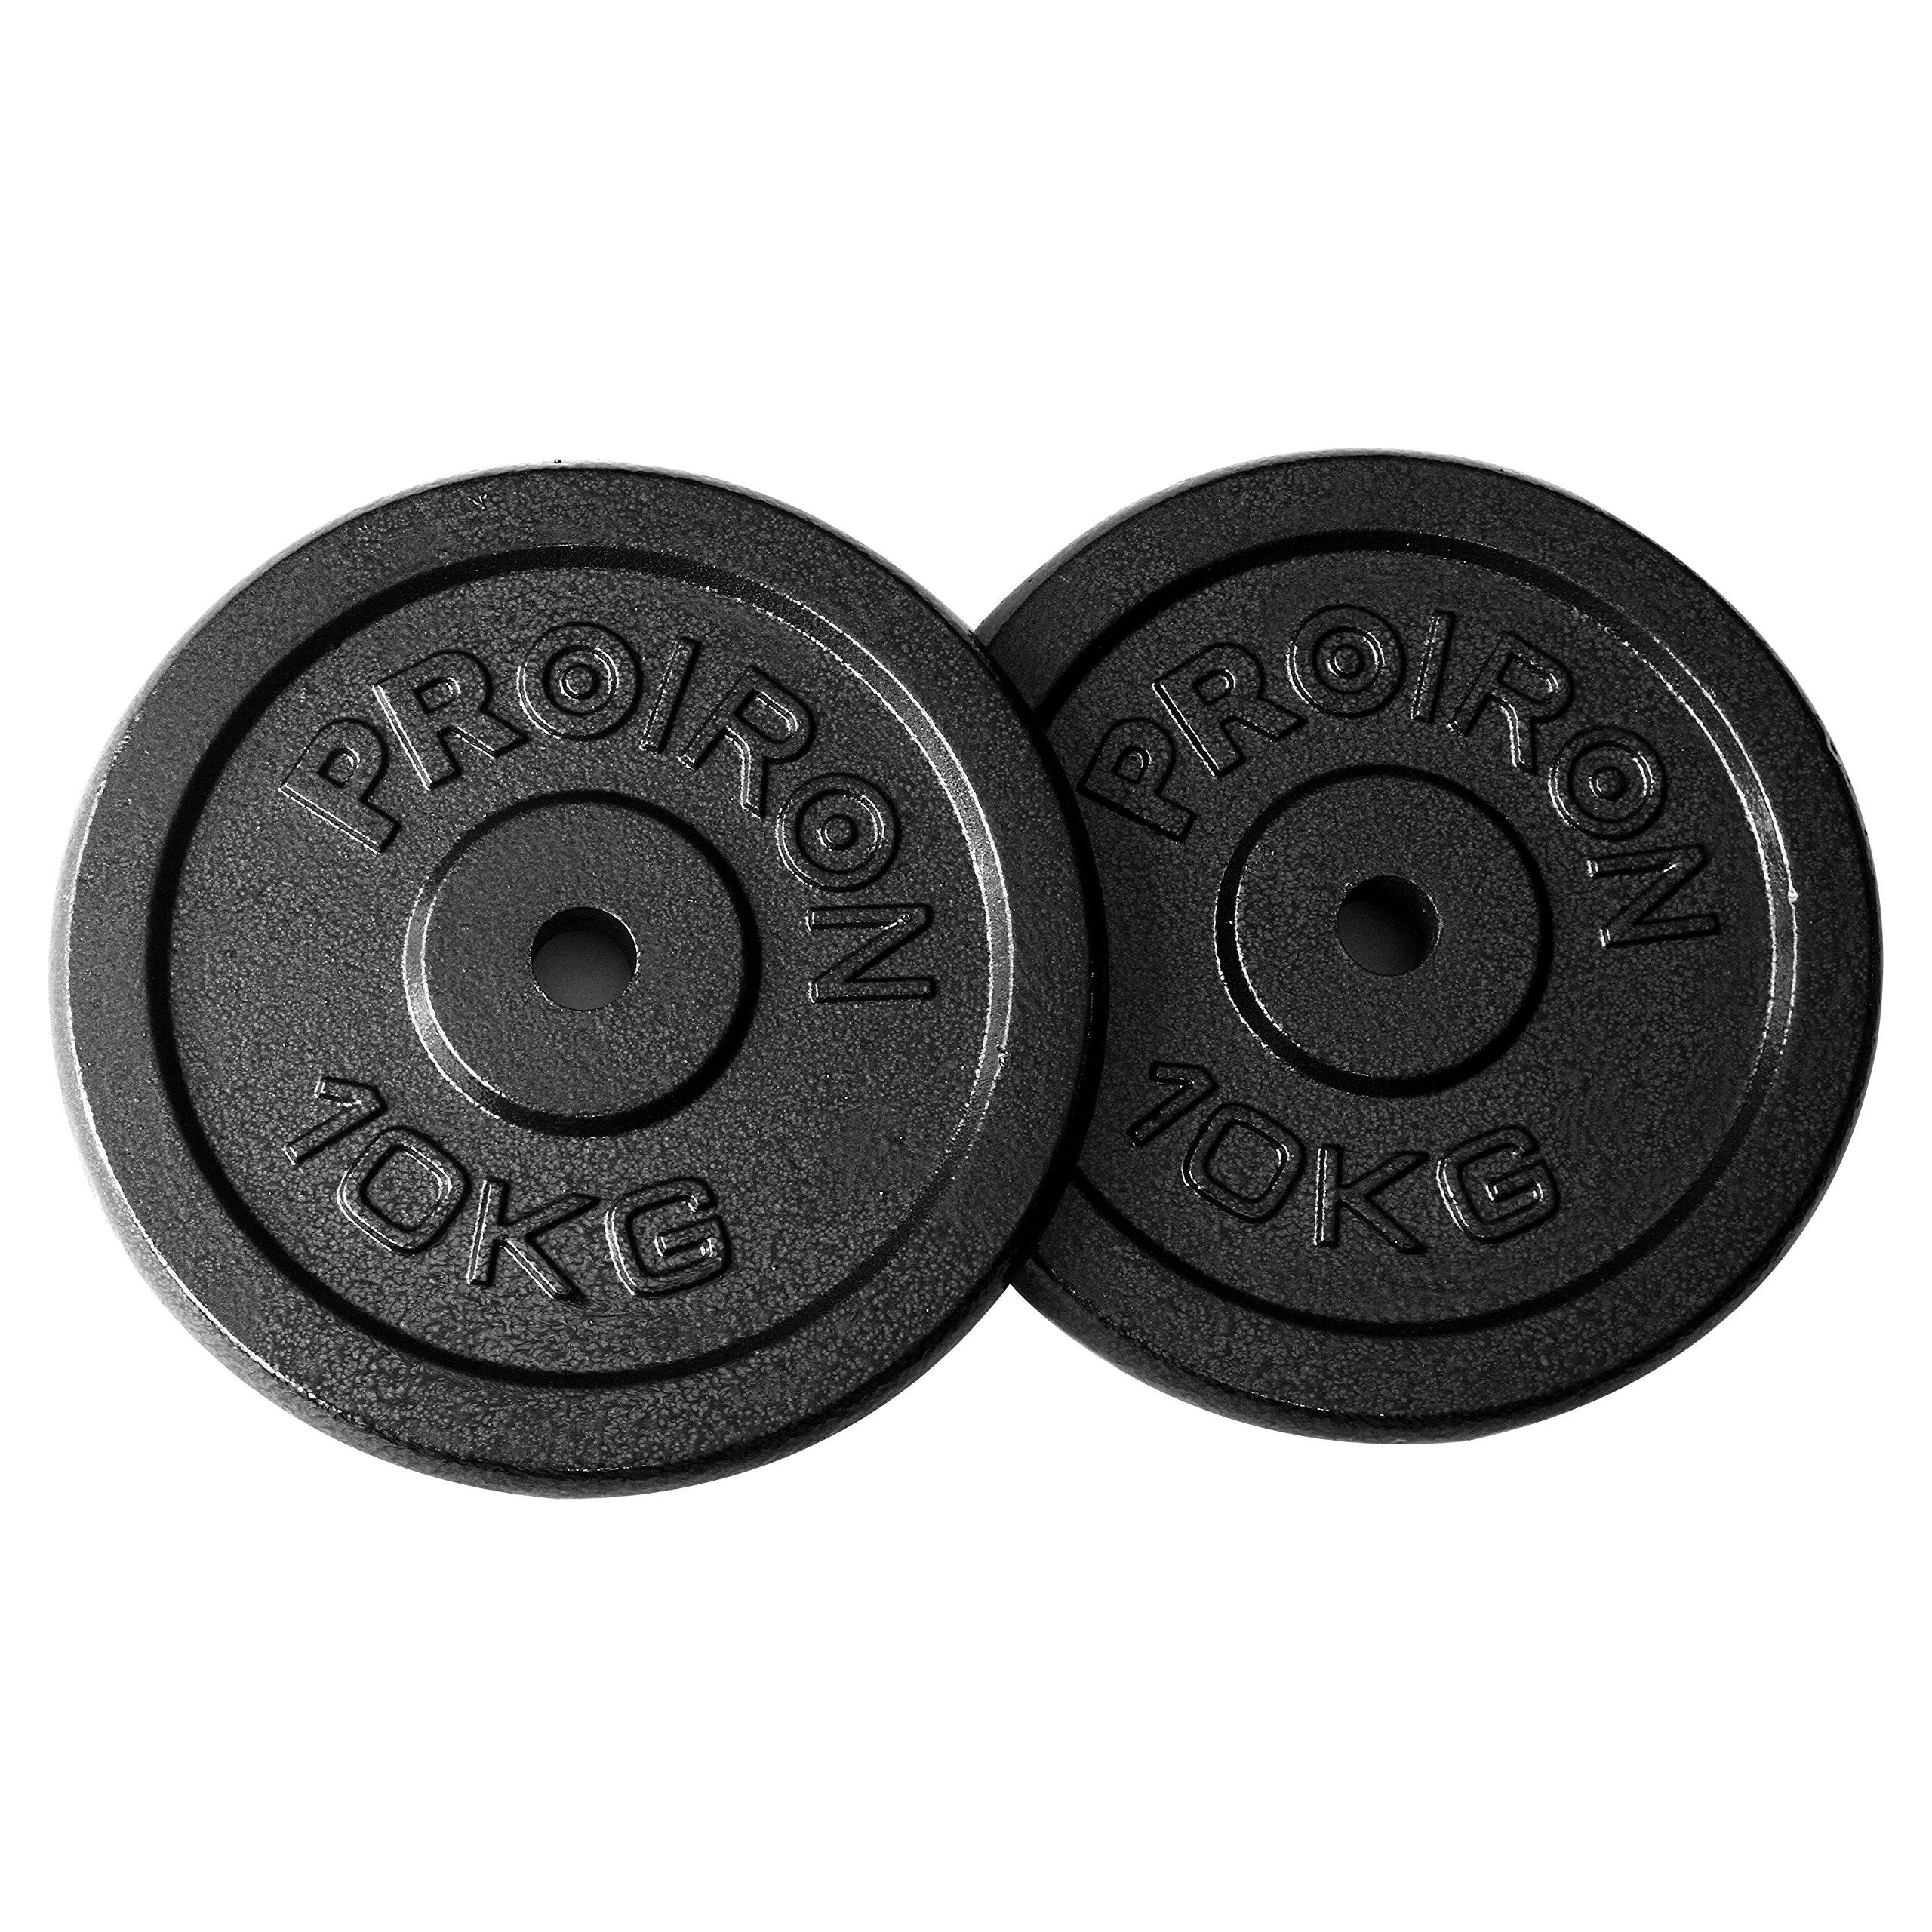 PROIRON Pesas de Disco Hierro Fundido Discos de Pesa para mancuerna musculación 4 x 1.25kg